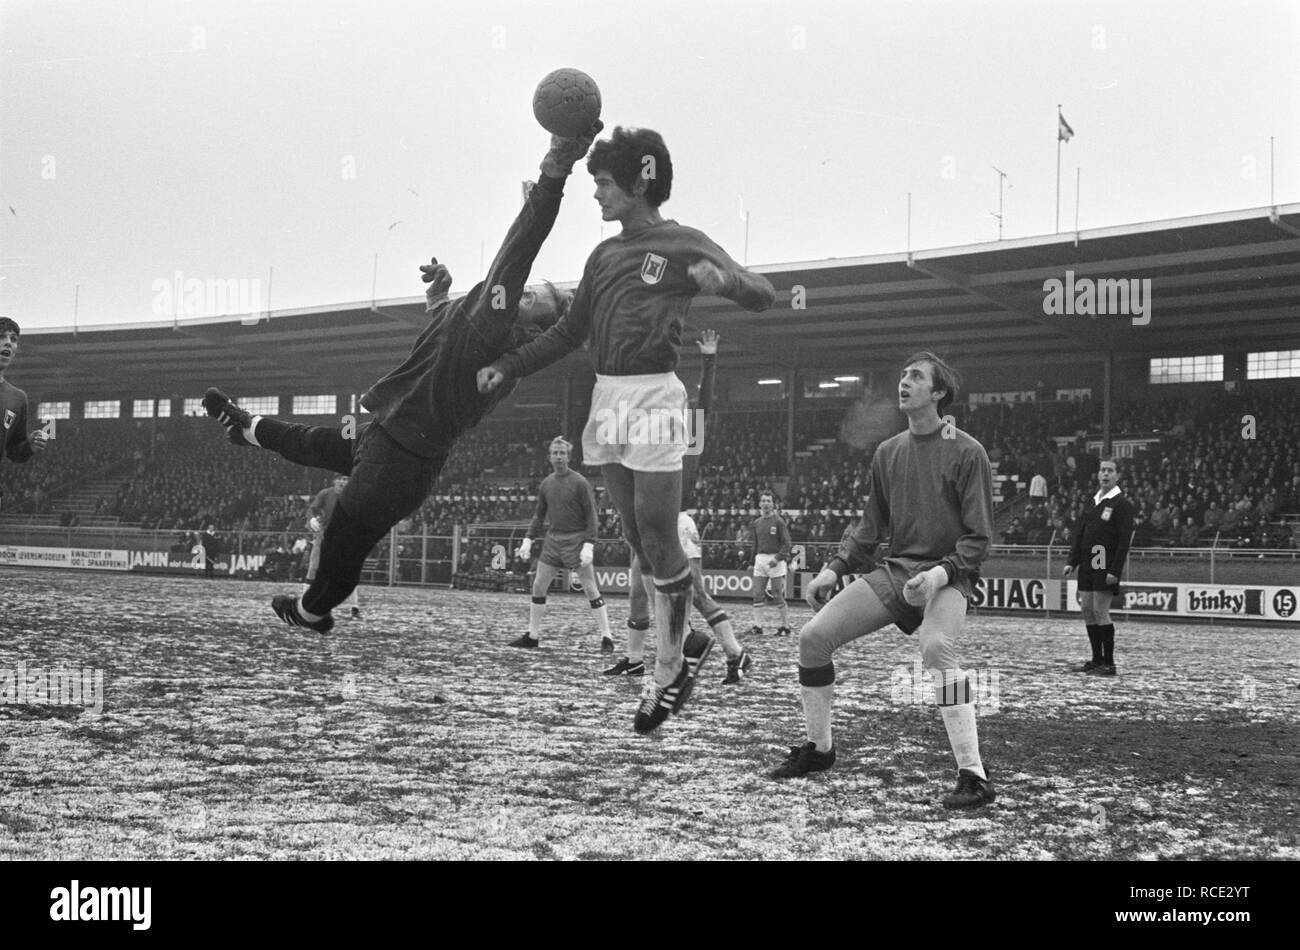 Ajax tegen AZ 67 4-0 nr. 5 keeper Schouten i.a., Bestanddeelnr 921-9418. - Stock Image